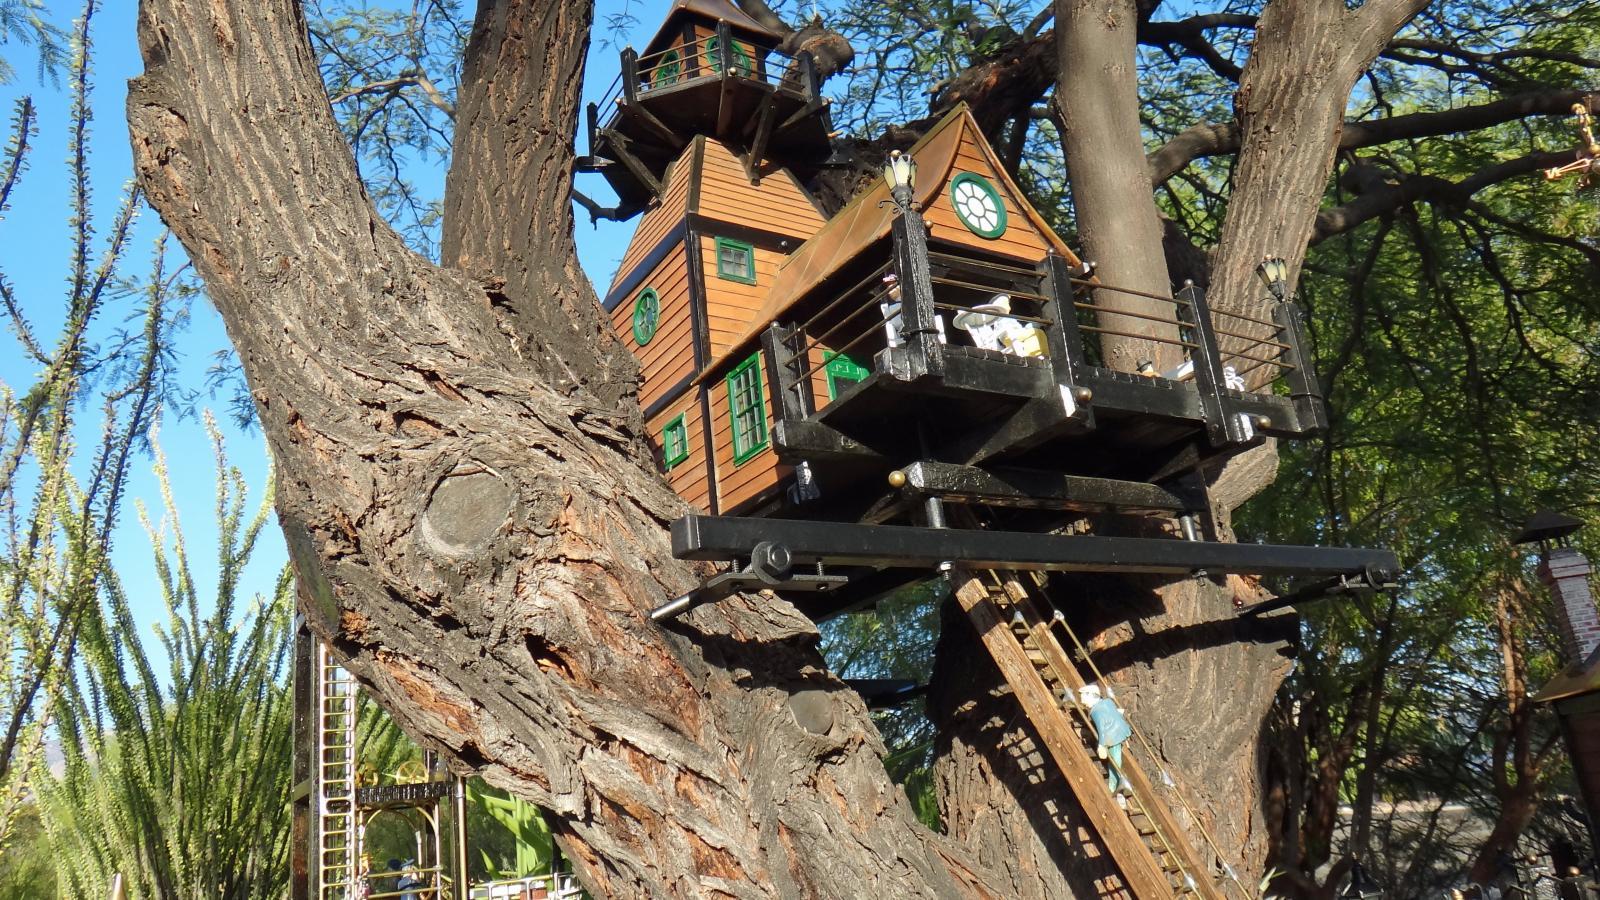 Garden Railway Treehouse Remodeled-50.JPG